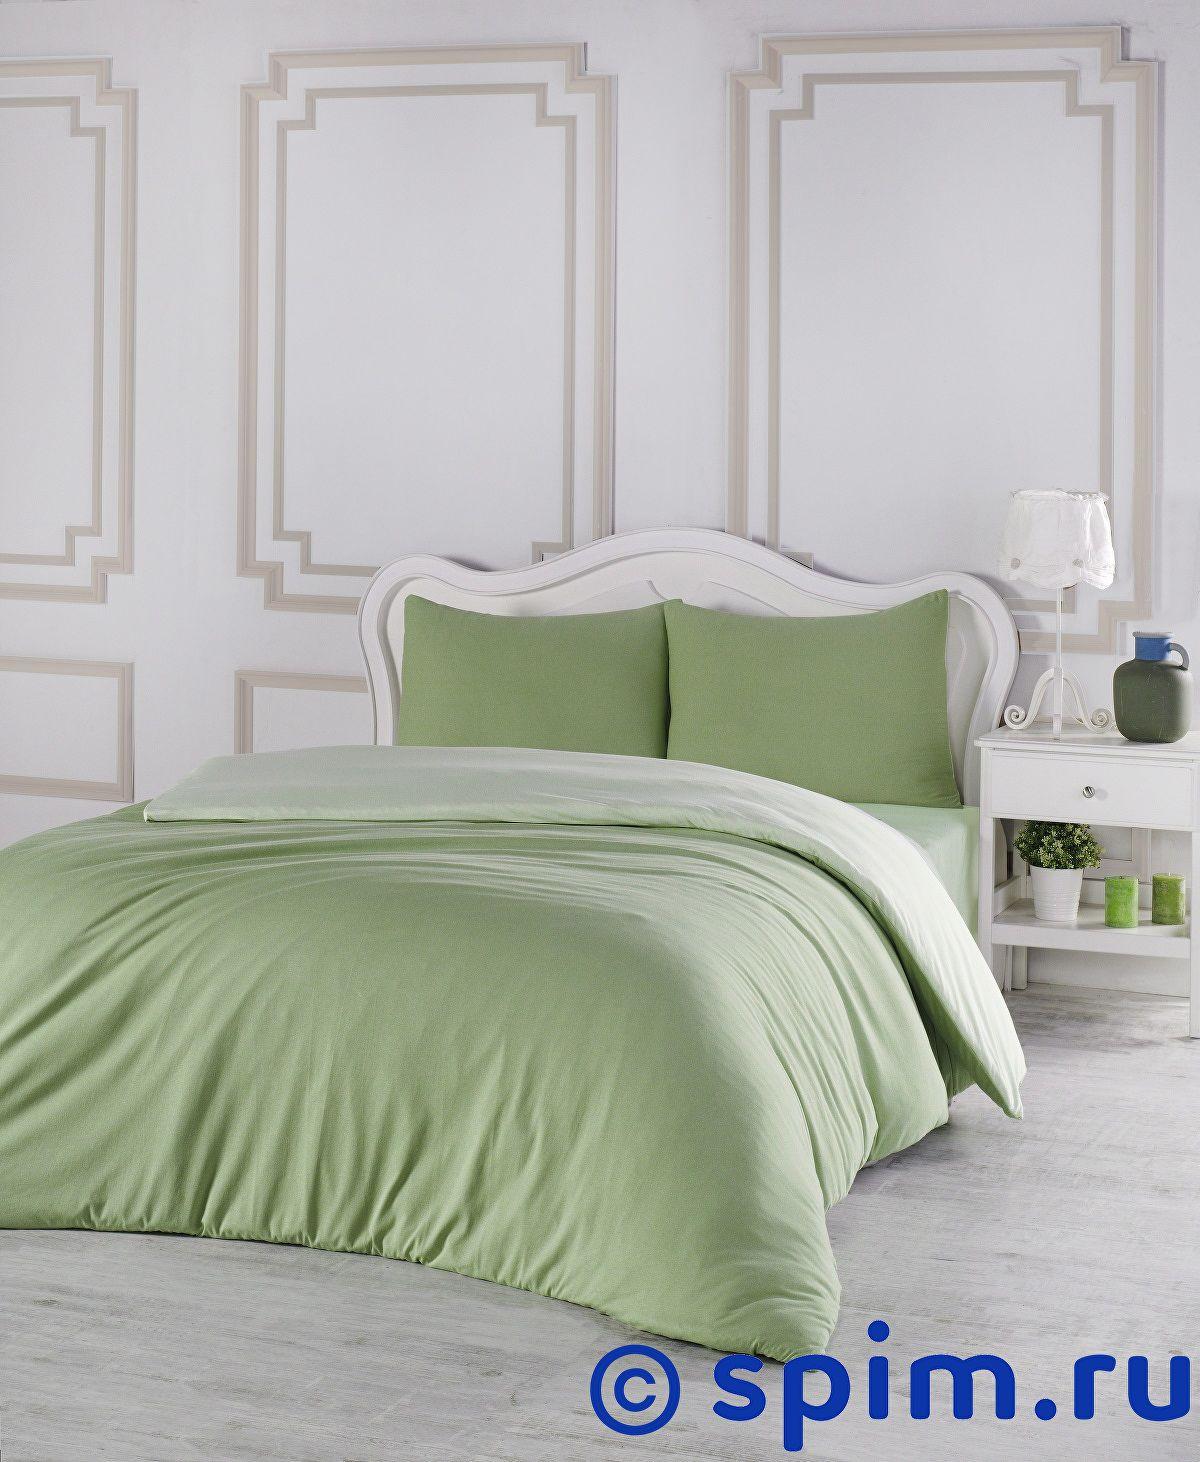 Купить Постельное белье Karna Sofa зеленый, светло-зеленый Евро-стандарт